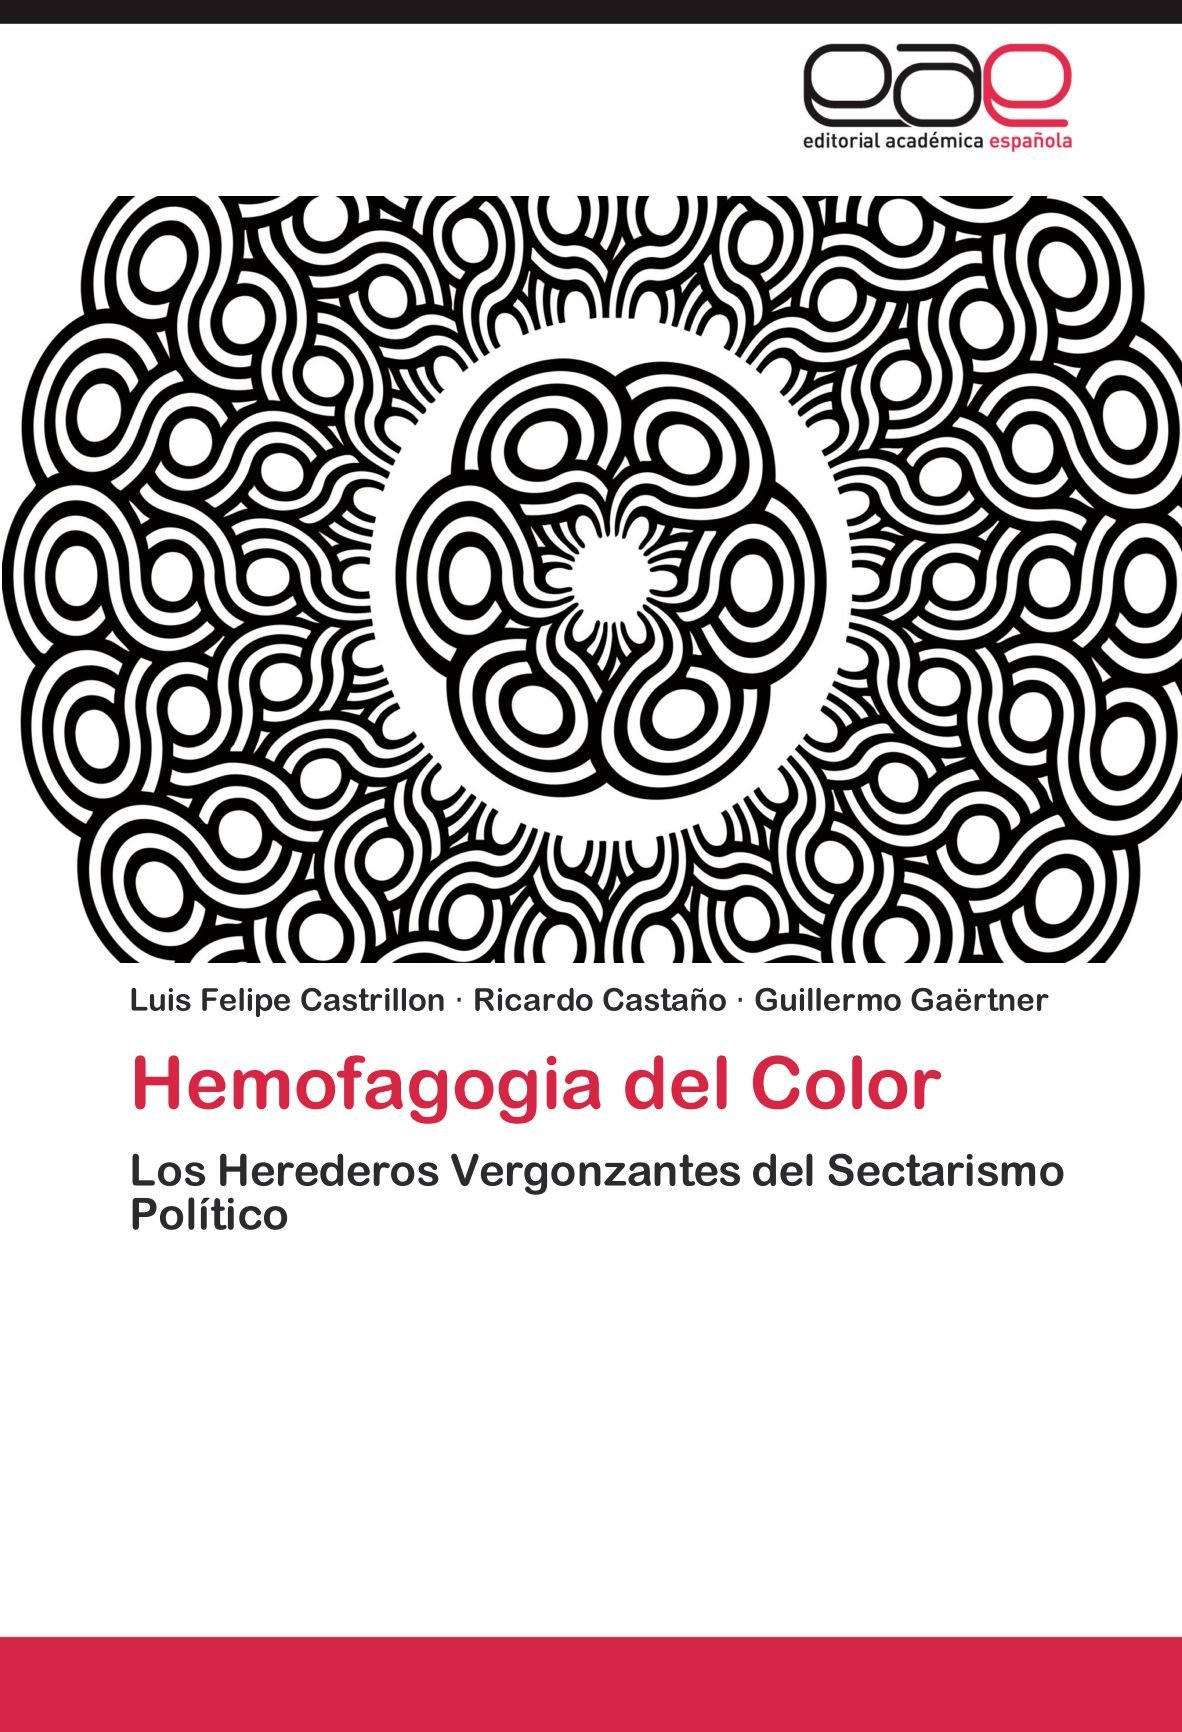 Hemofagogia del Color: Los Herederos Vergonzantes del Sectarismo Político (Spanish Edition) ebook